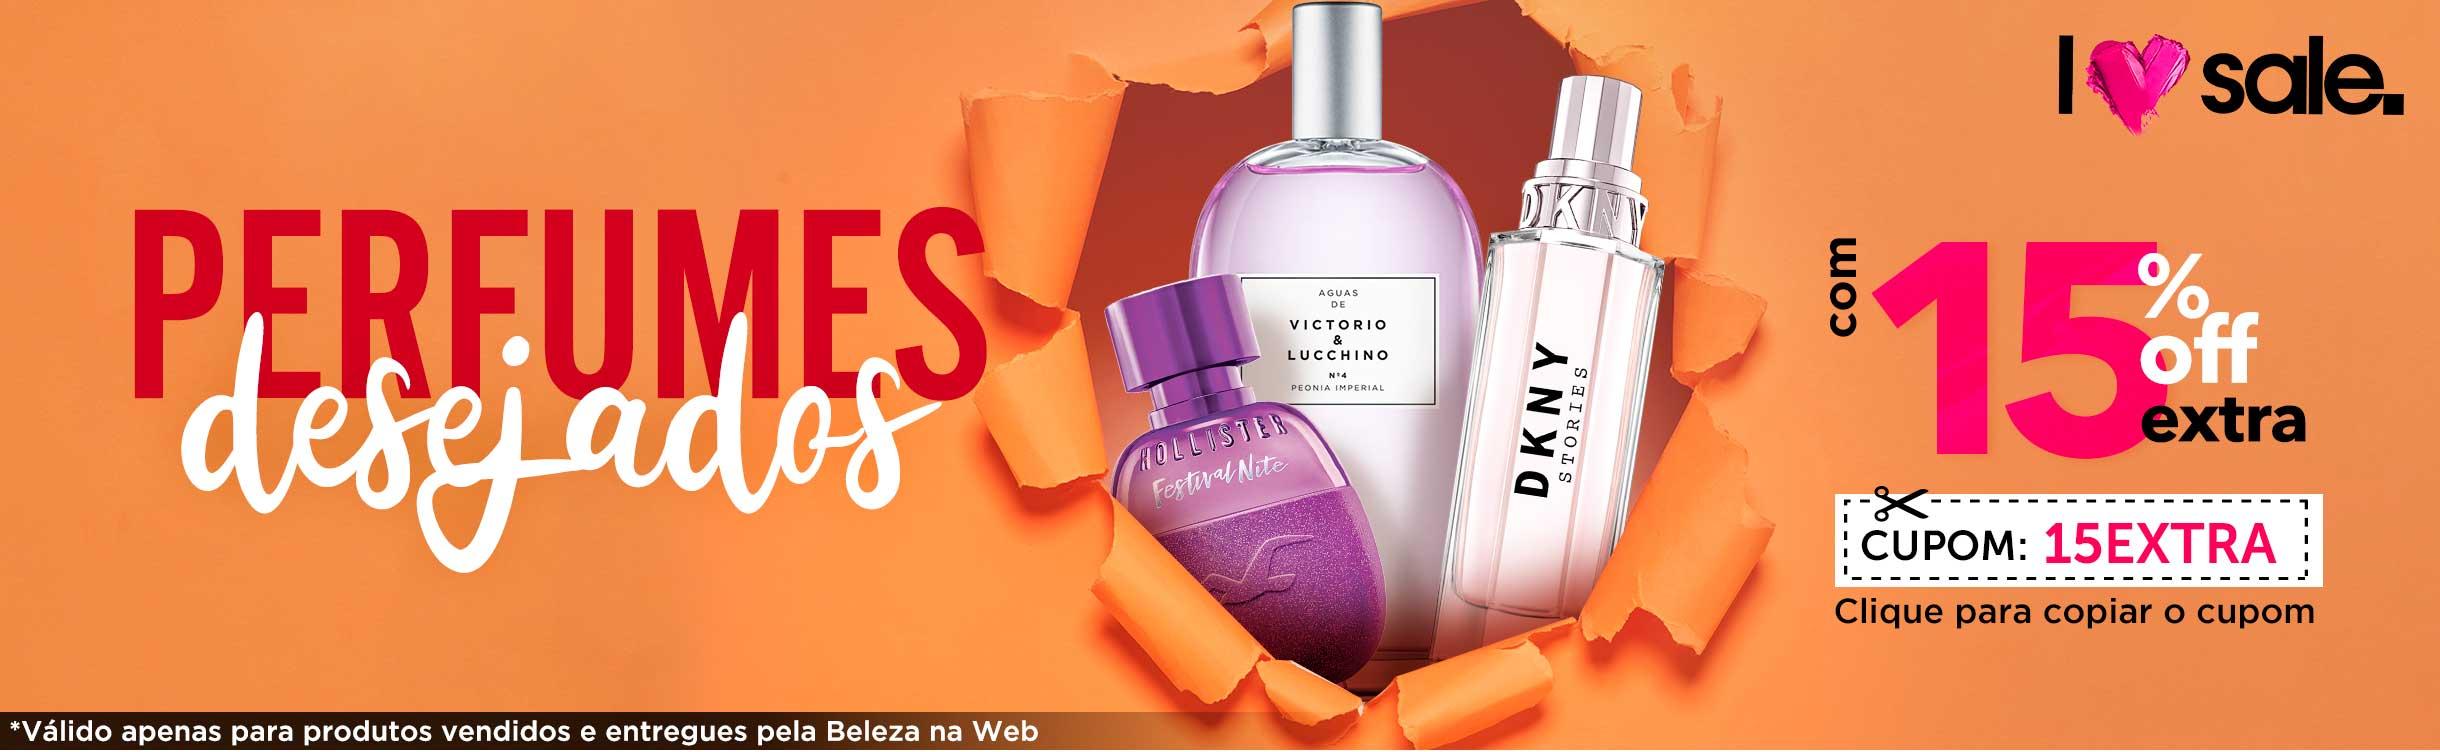 Perfumes e Perfumaria com Desconto Especial